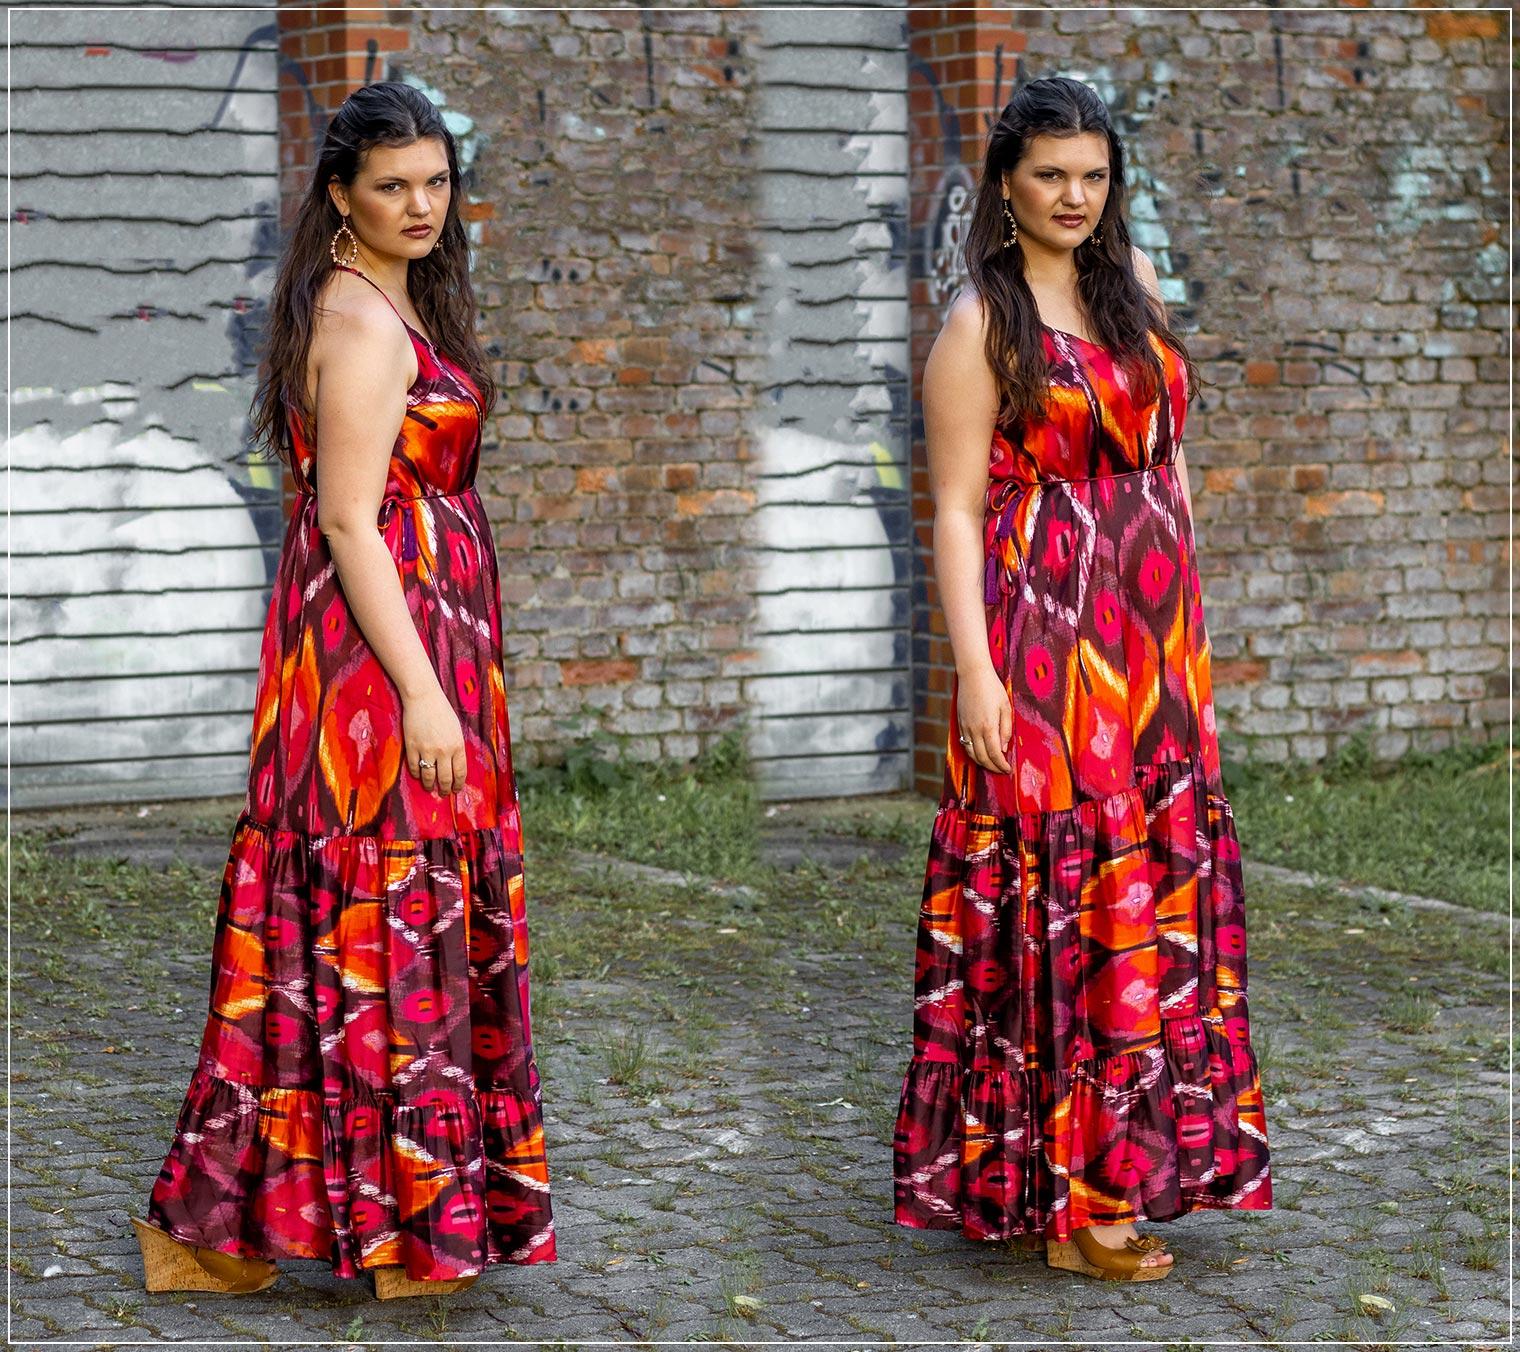 sommerliches Maxikleid als Outfit für einen Sommerabend